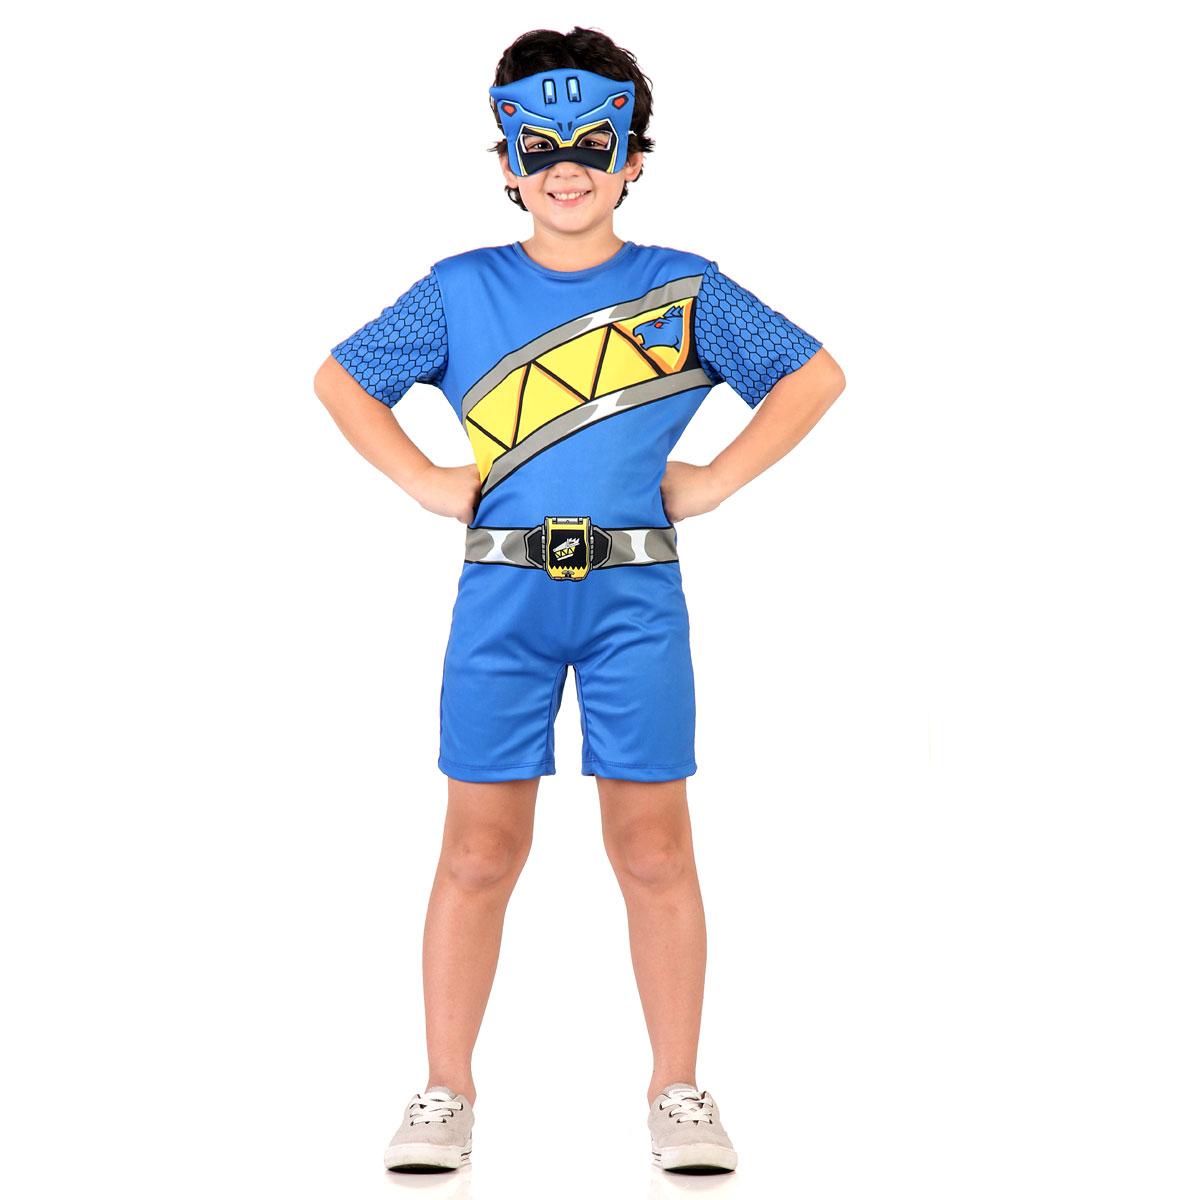 Fantasia Power Rangers Azul Infantil